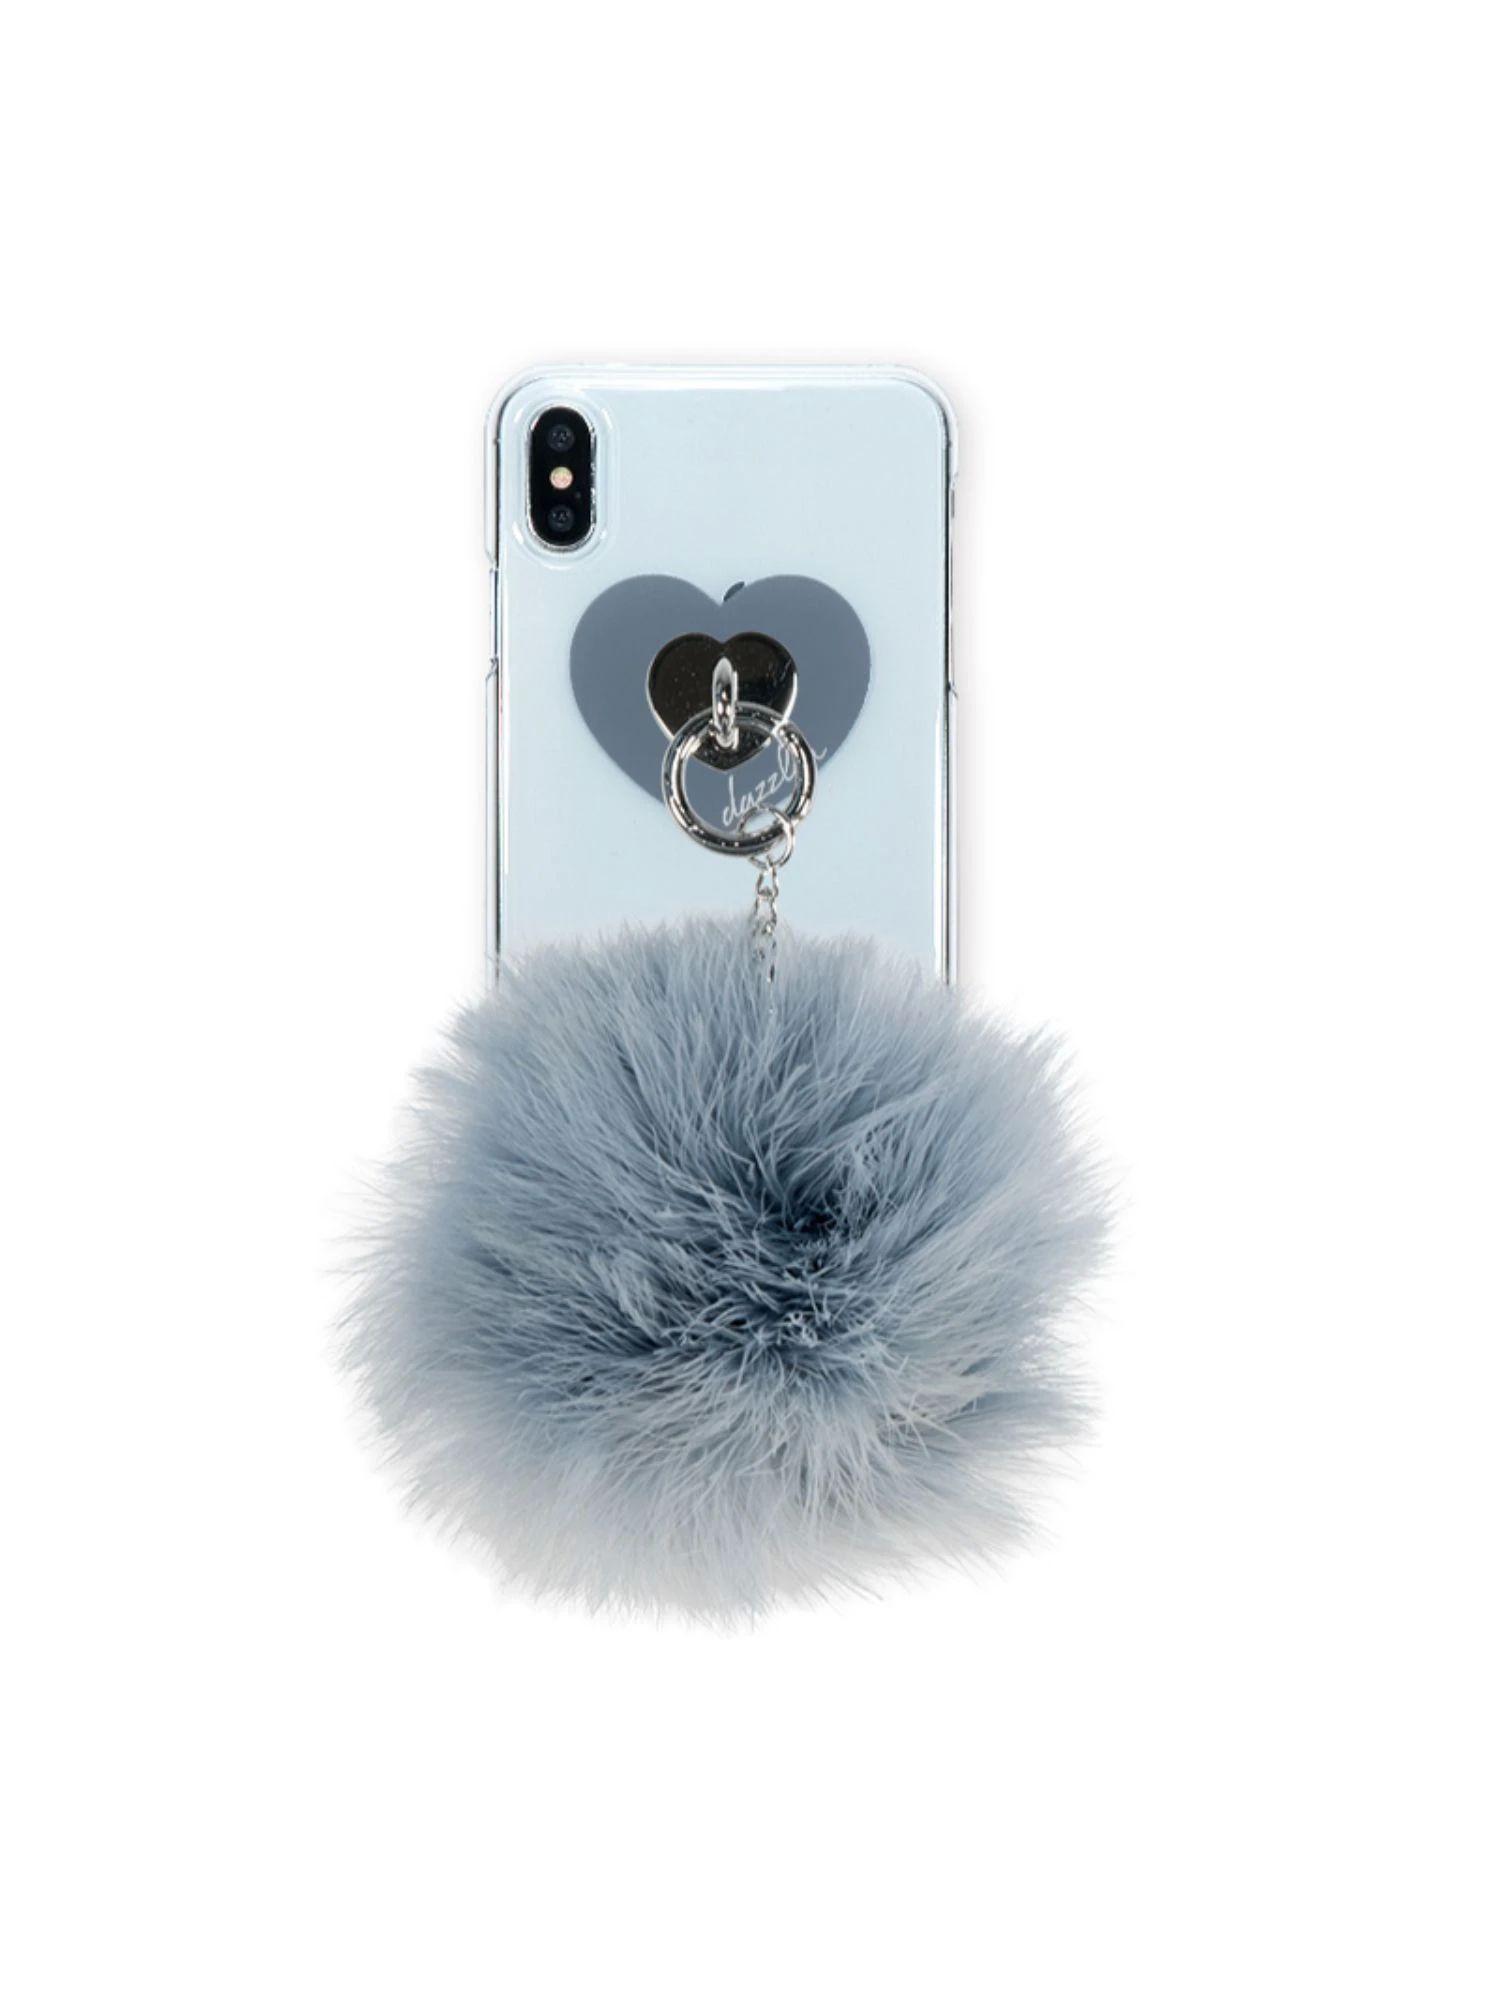 【dazzlin】FUR VINTAGE iphone-XSMAX スマホケース